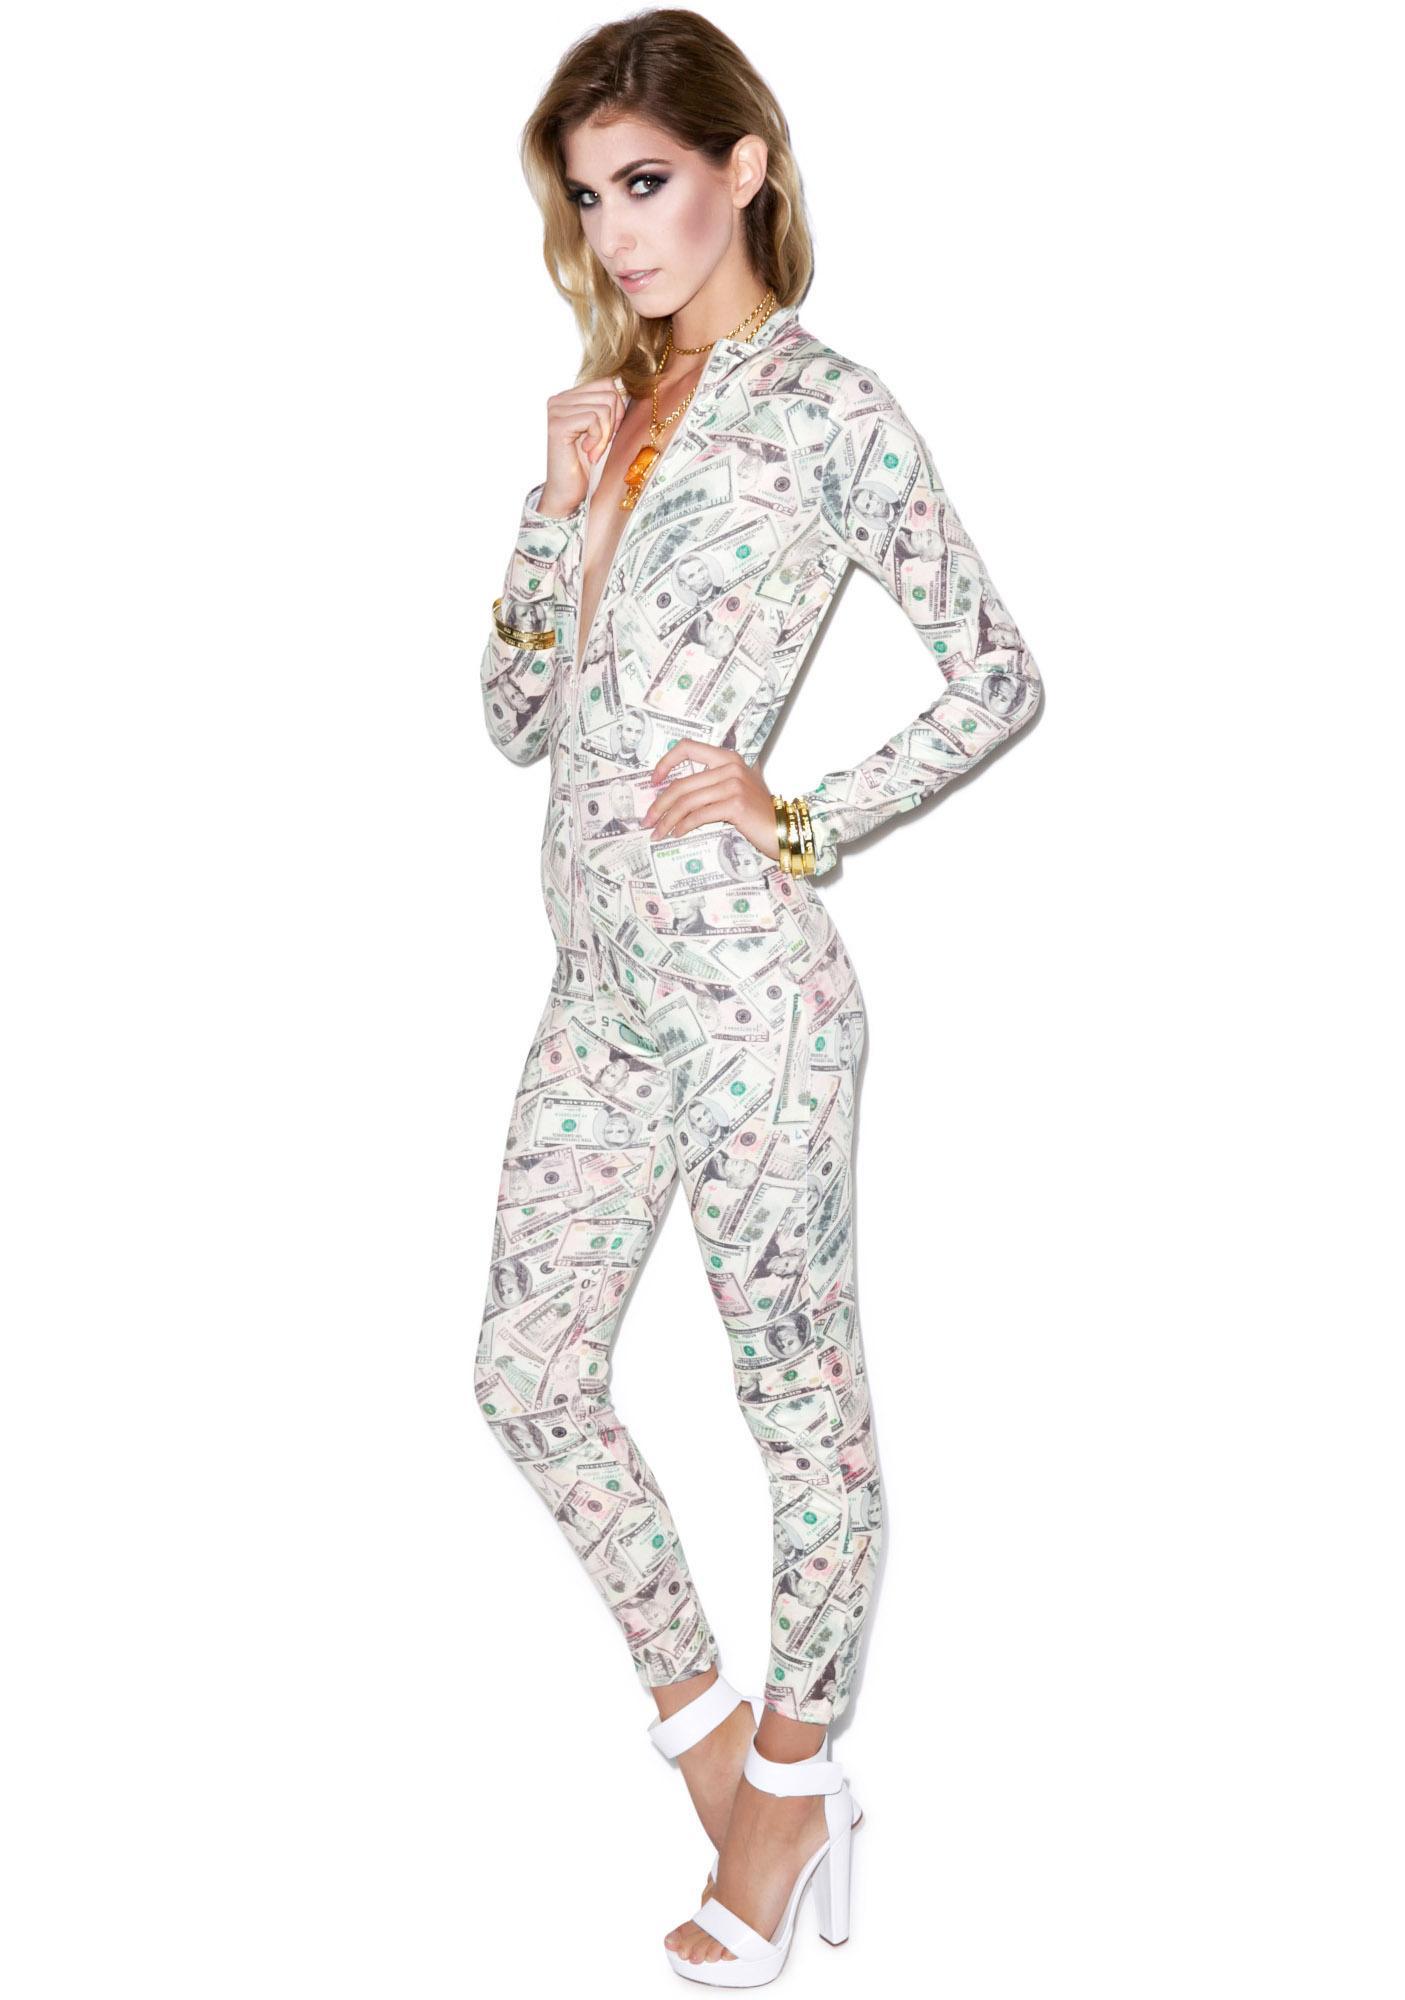 Get Money Print Catsuit